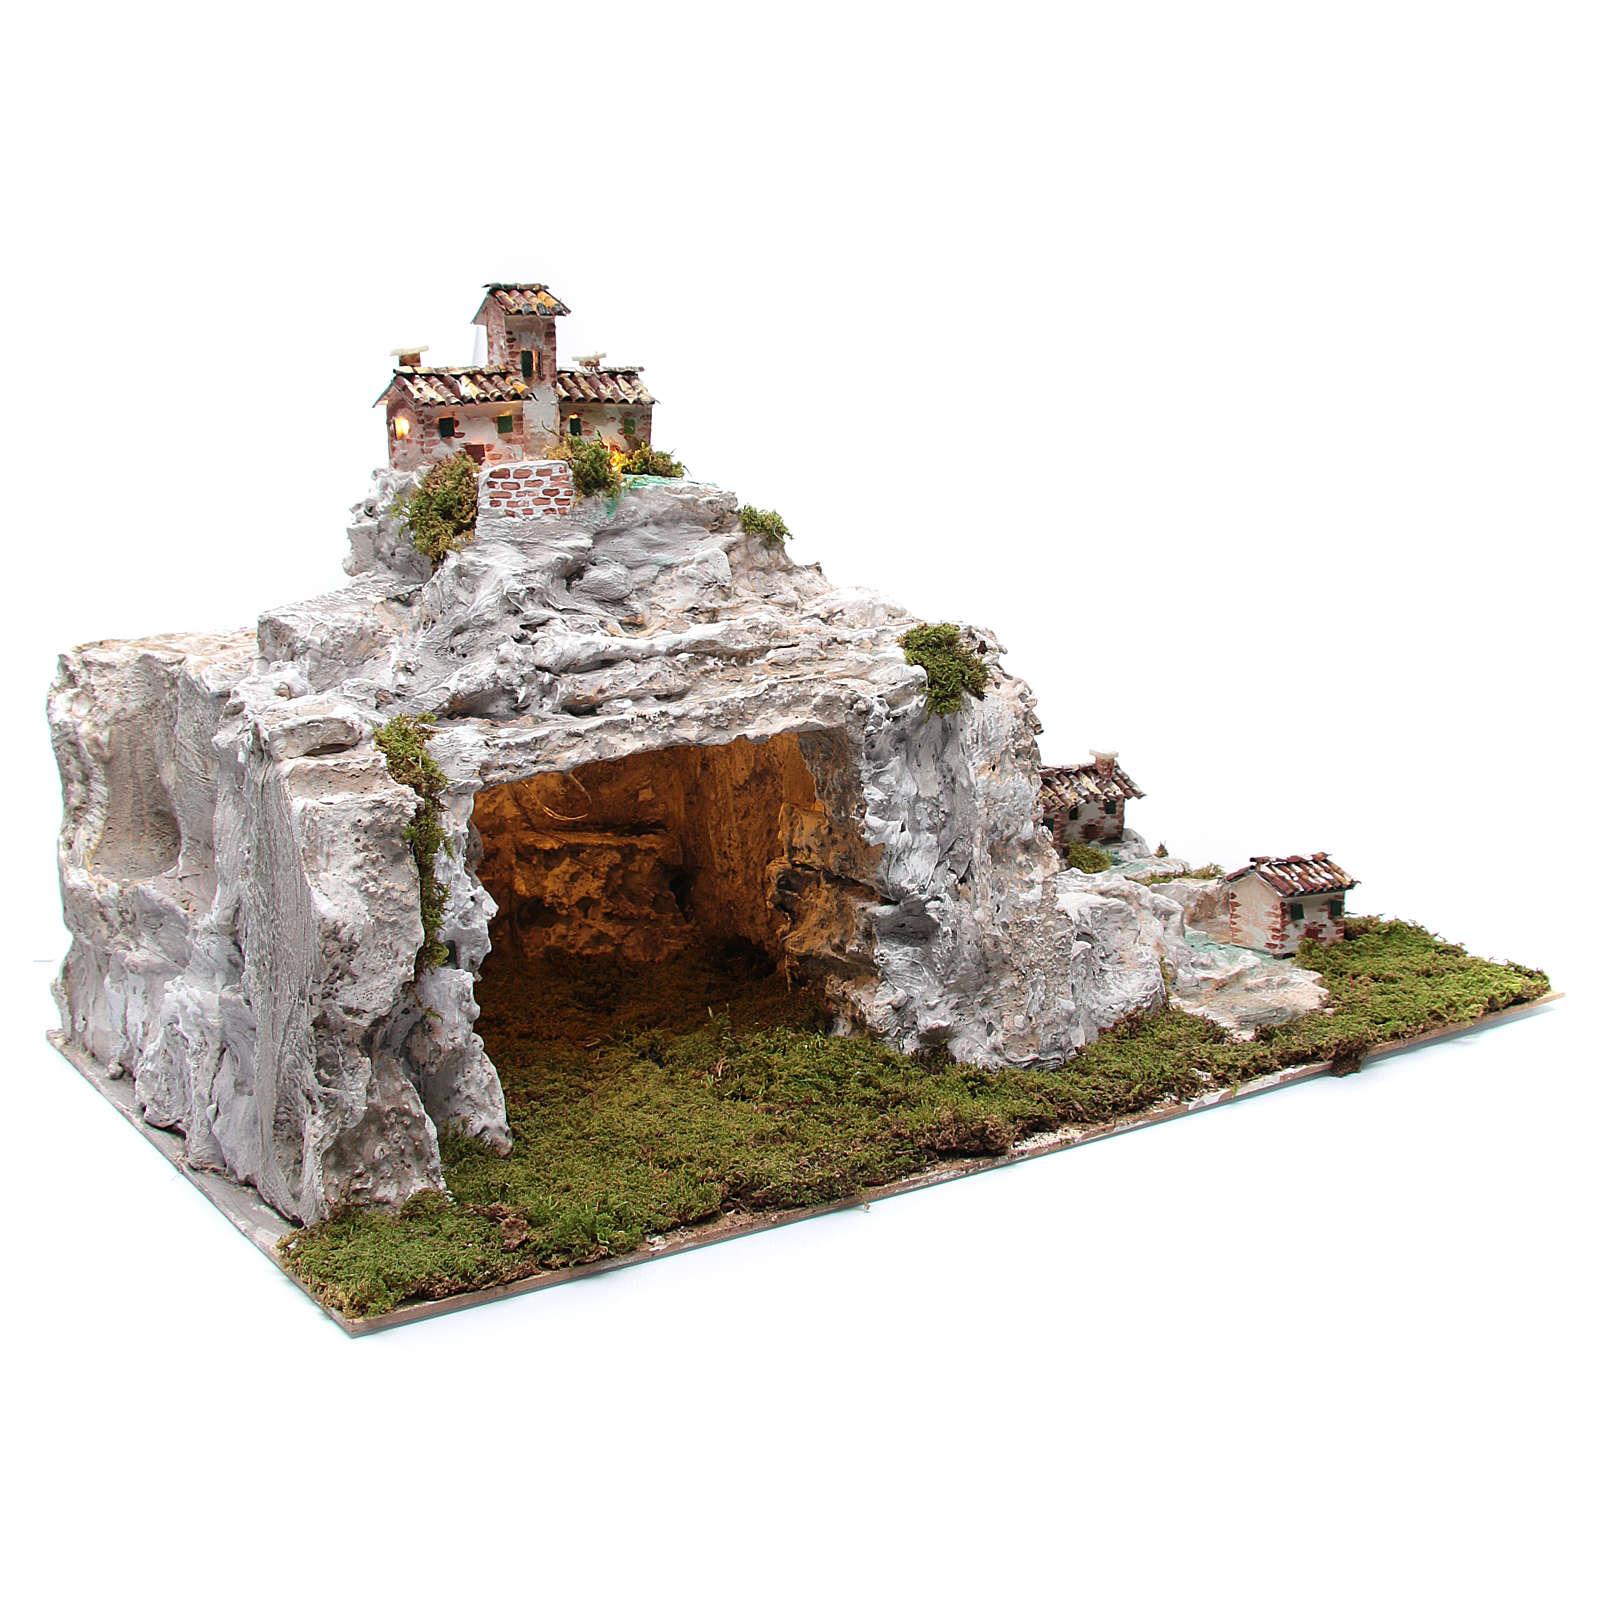 Crèche avec paysage rocheux et éclairage 50x75x50 cm 4